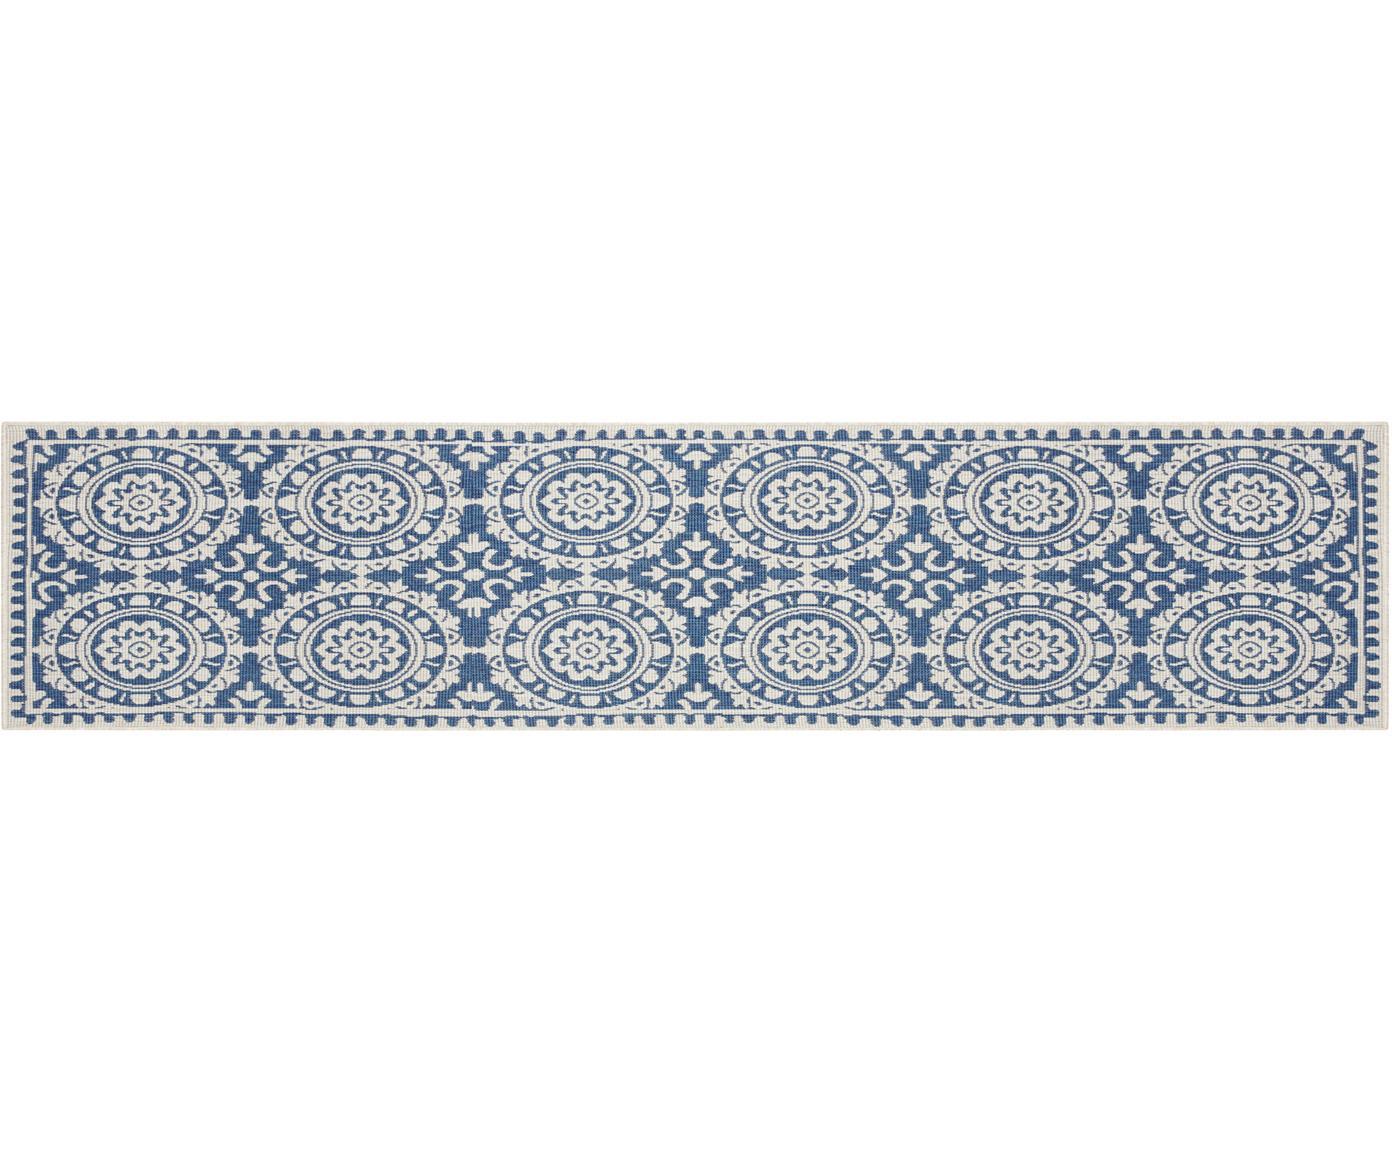 Dubbelzijdige in- en outdoor loper Jardin, Polypropyleen, Blauw, crèmekleurig, 80 x 350 cm